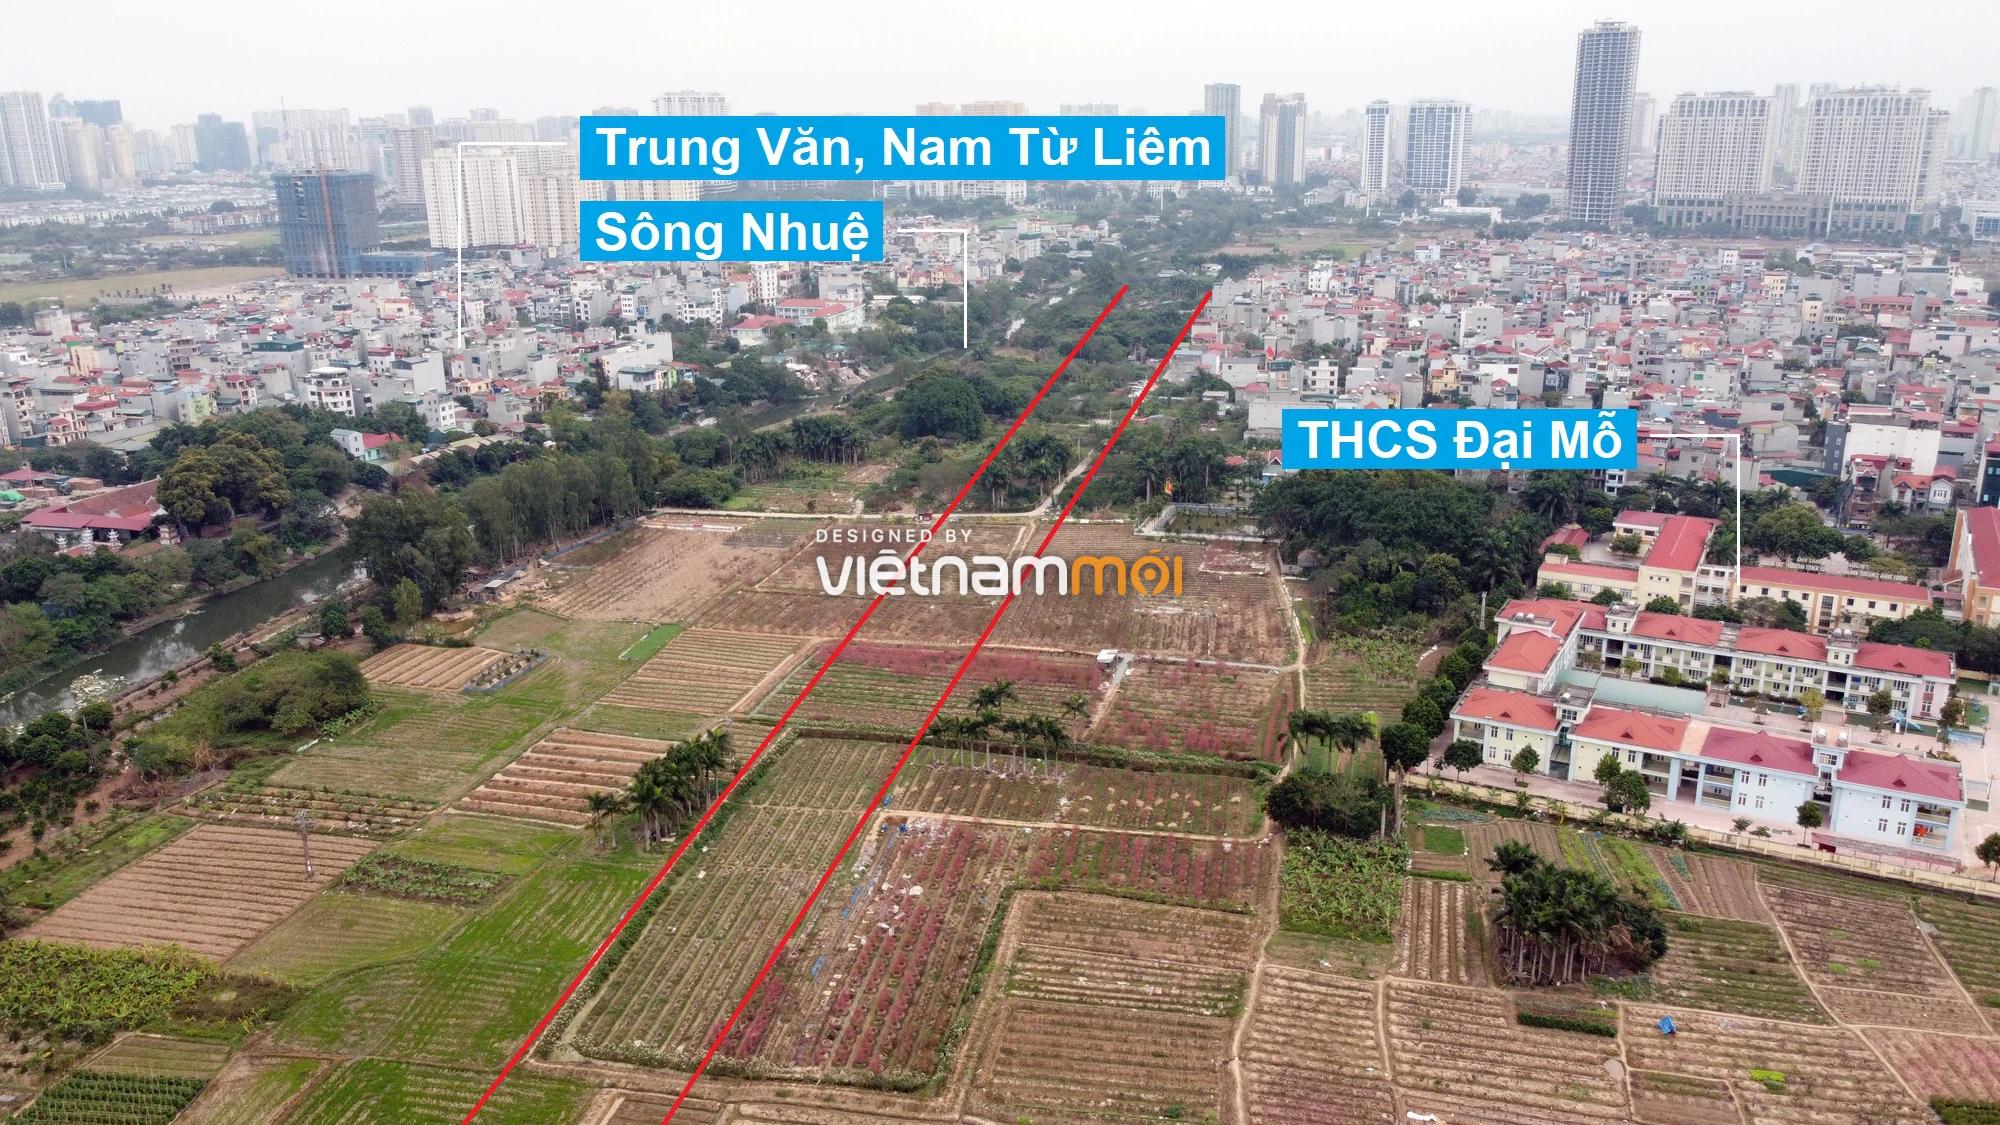 Những khu đất sắp thu hồi để mở đường ở phường Đại Mỗ, Nam Từ Liêm, Hà Nội (phần 2) - Ảnh 5.